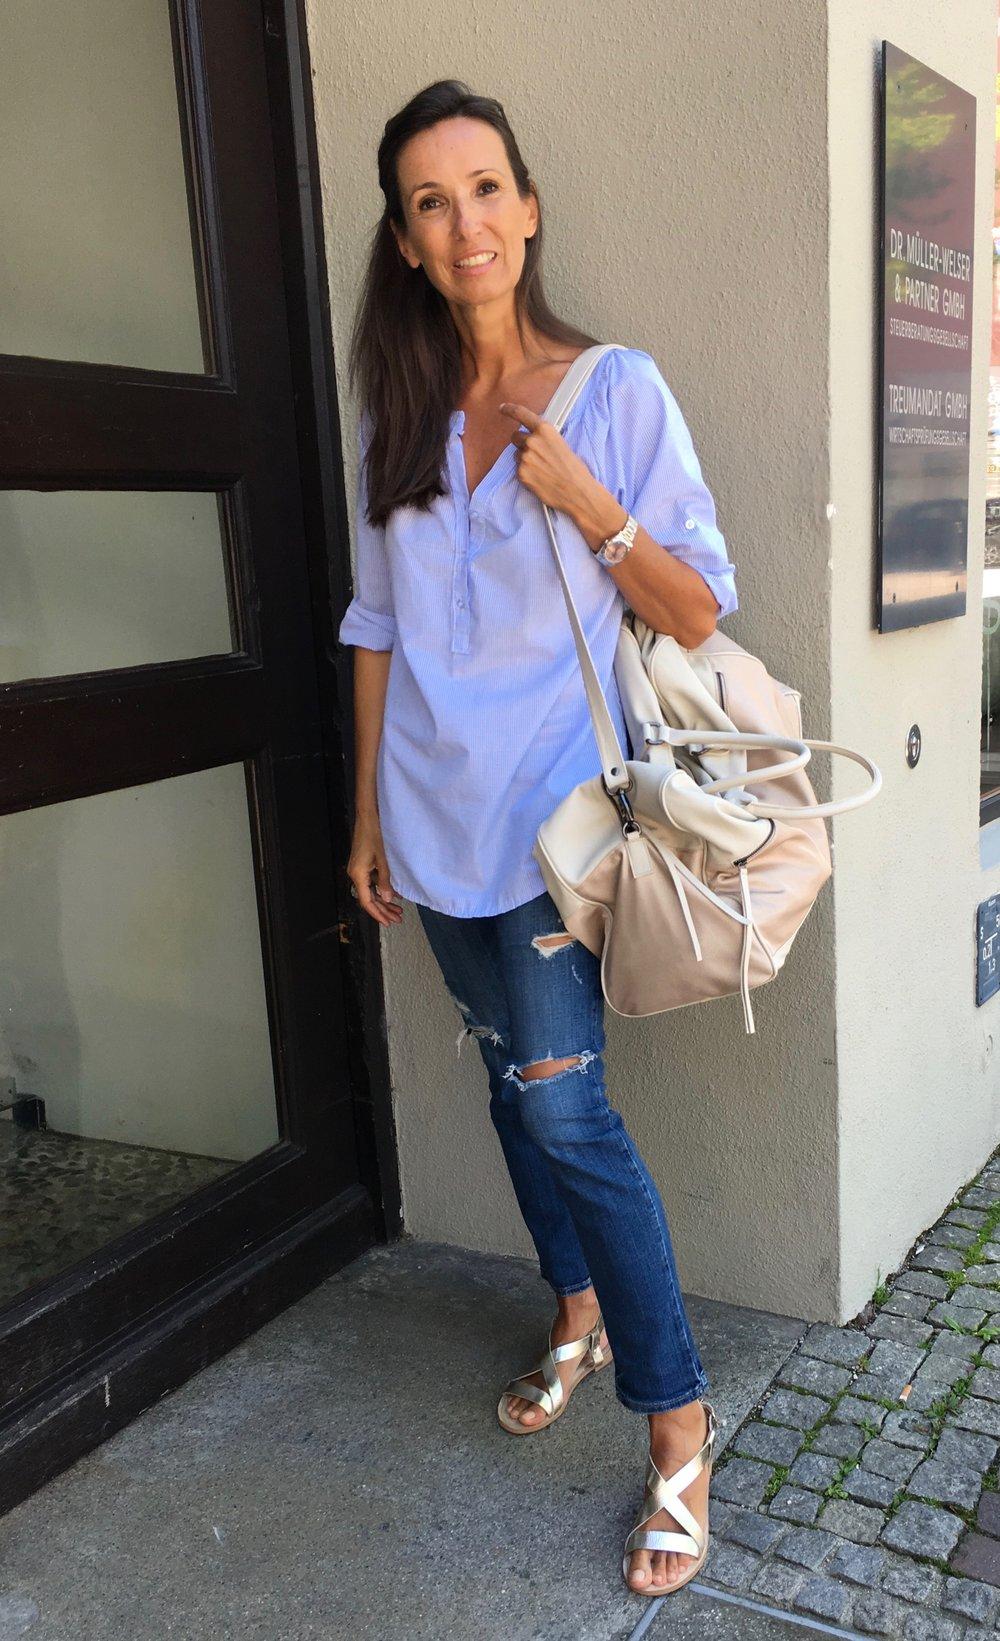 Destroyed_look Ü50 BeFifty Blog für Frauen über 50 Modetipps Blog für Frauen über 40